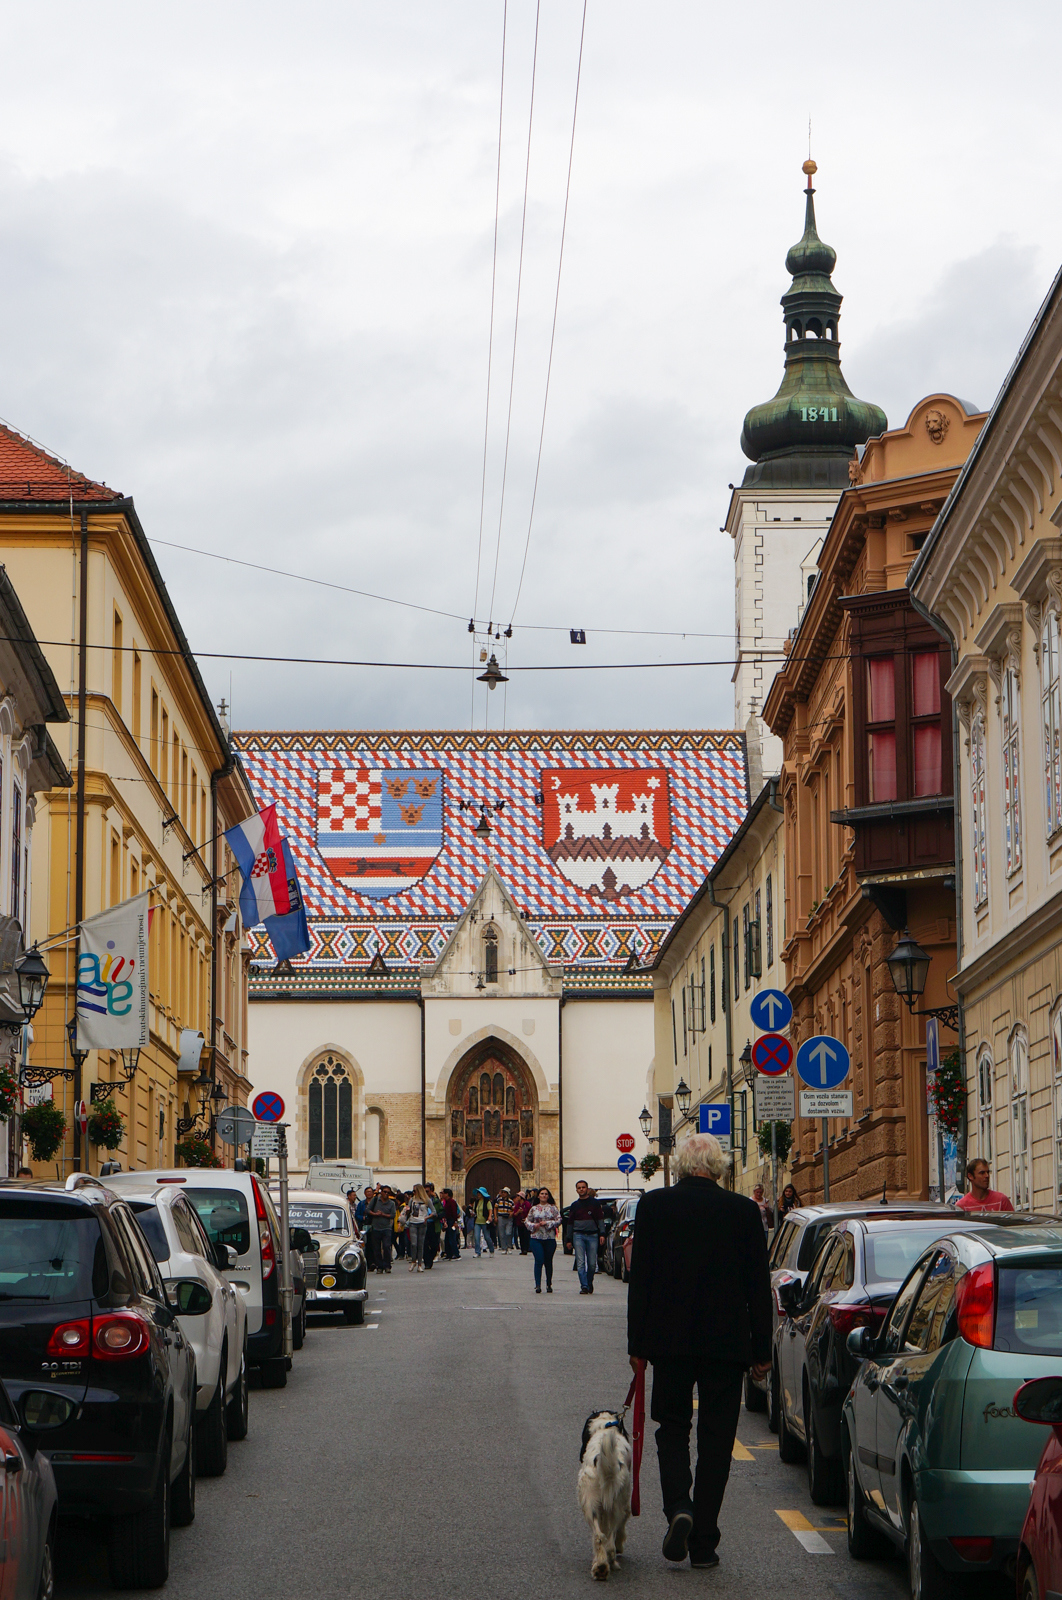 zagreb, croatie, croatie tourisme, zagreb tourisme, zagreb séjour, vacances zagreb, voyage zagreb